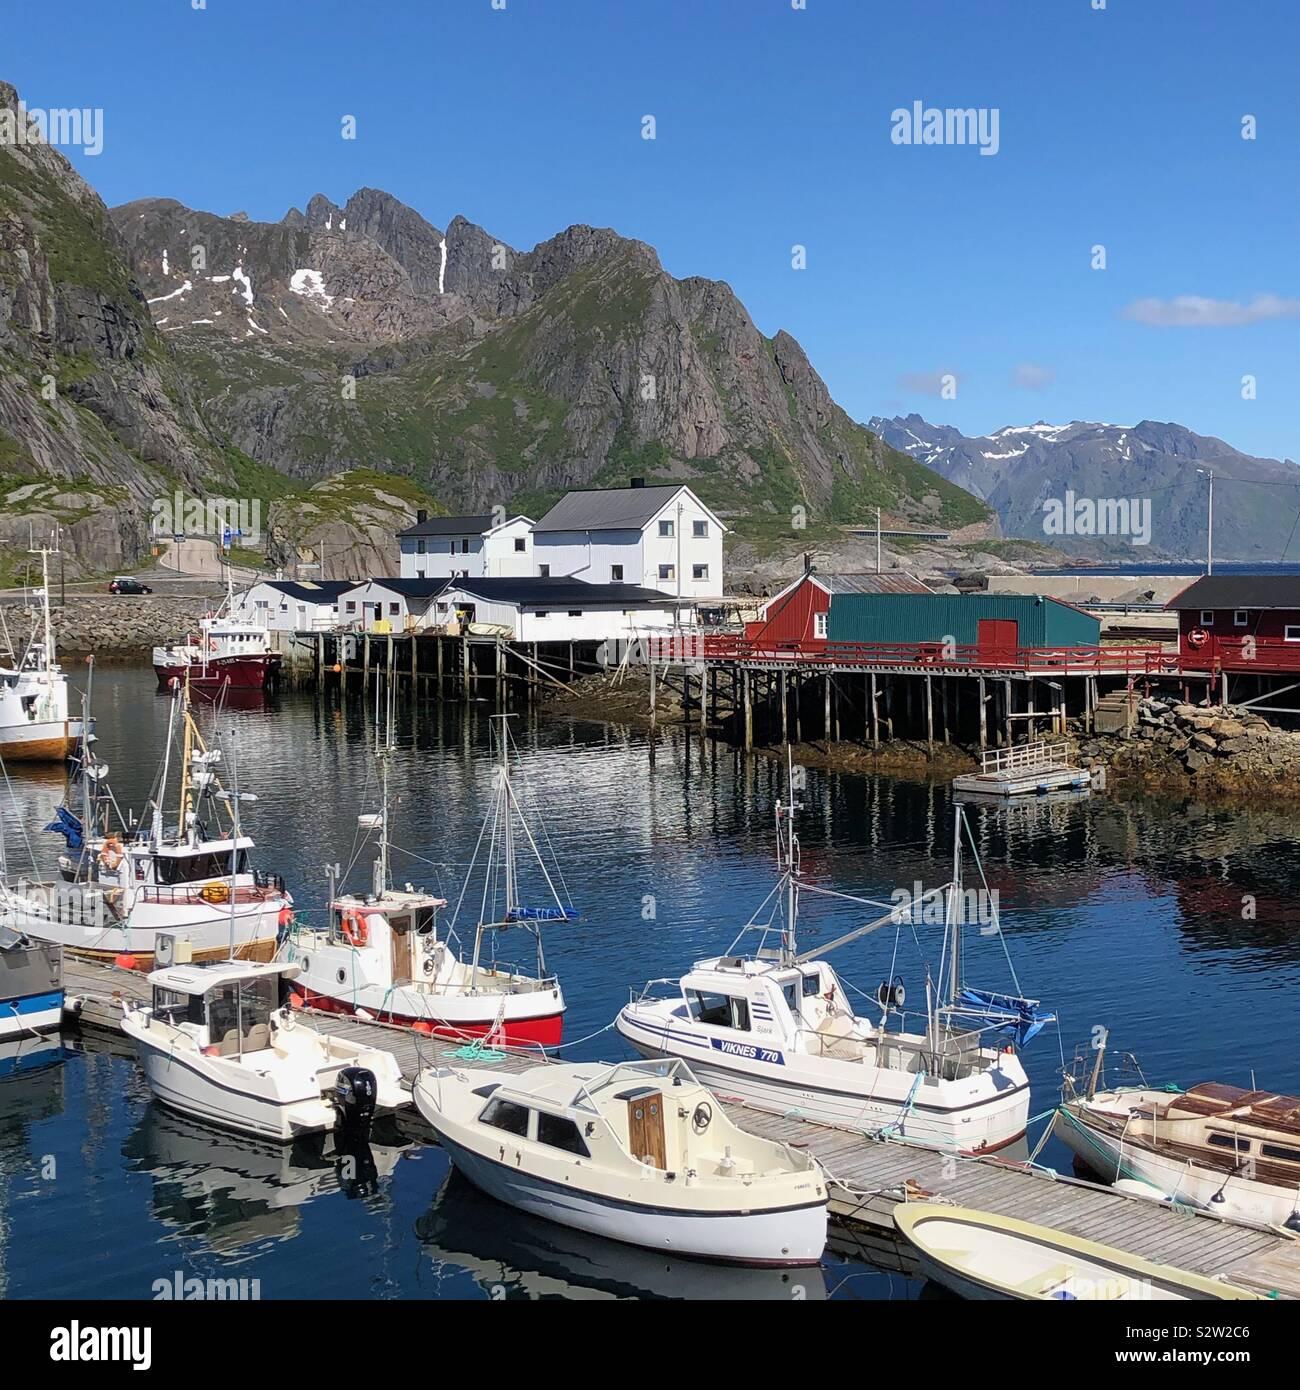 Hamnoy villaggio di pescatori, Isole Lofoten in Norvegia Foto Stock